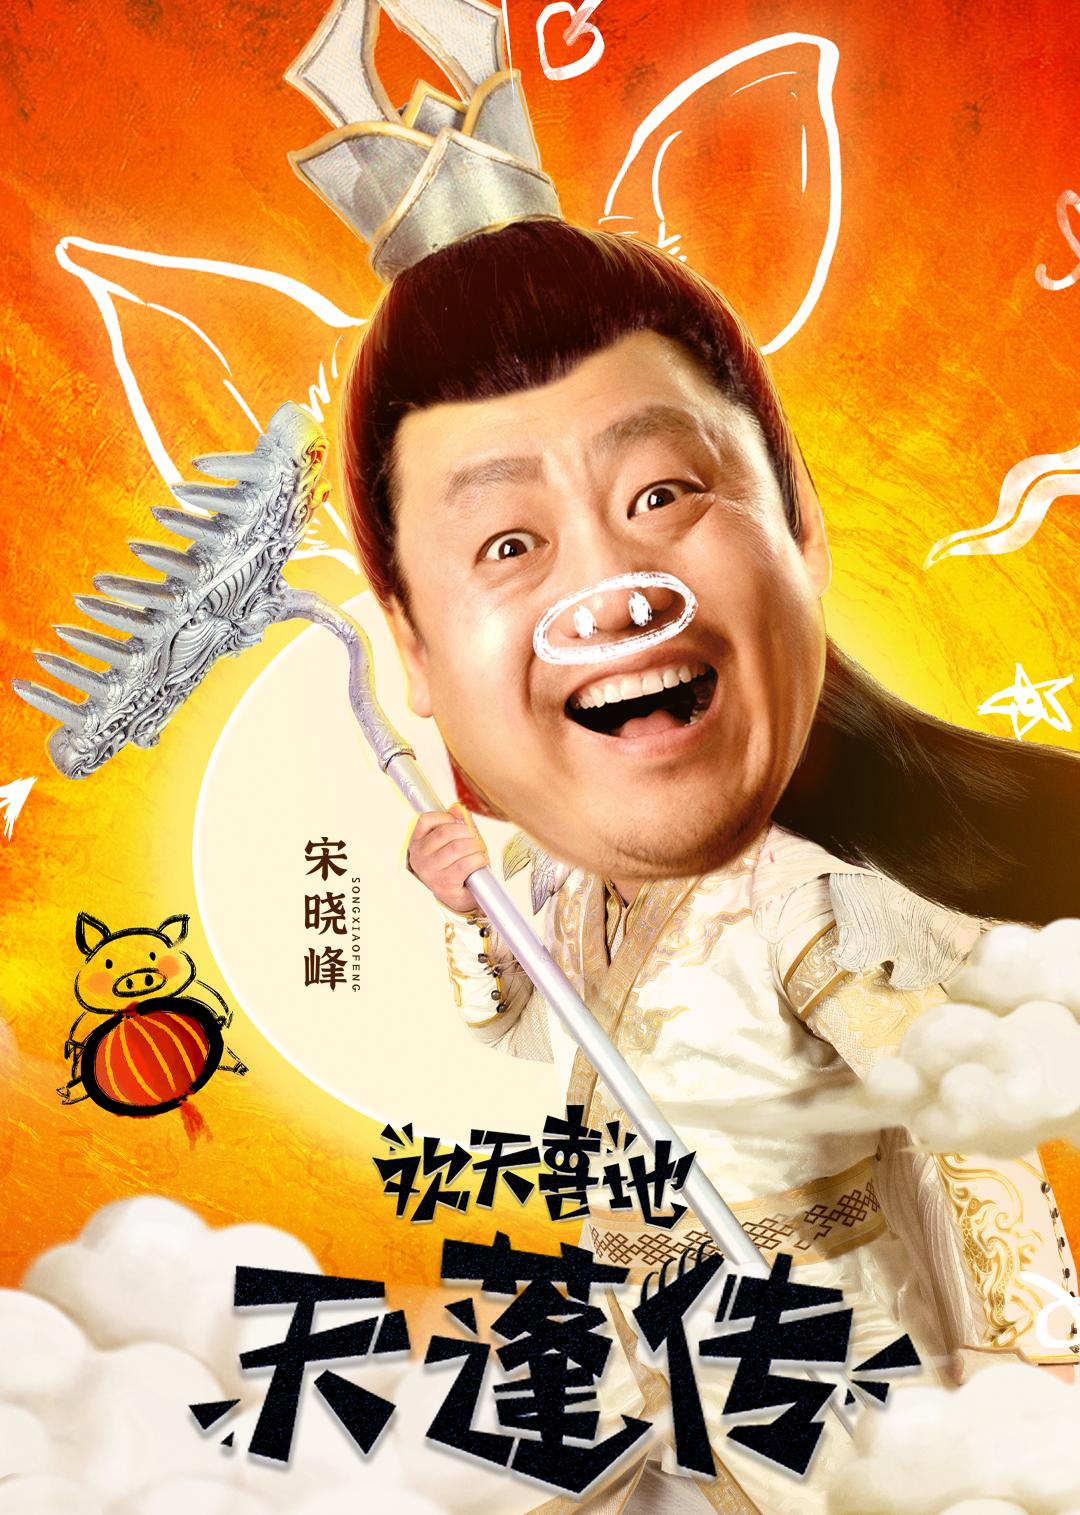 《欢天喜地天蓬传》电影高清在线观看